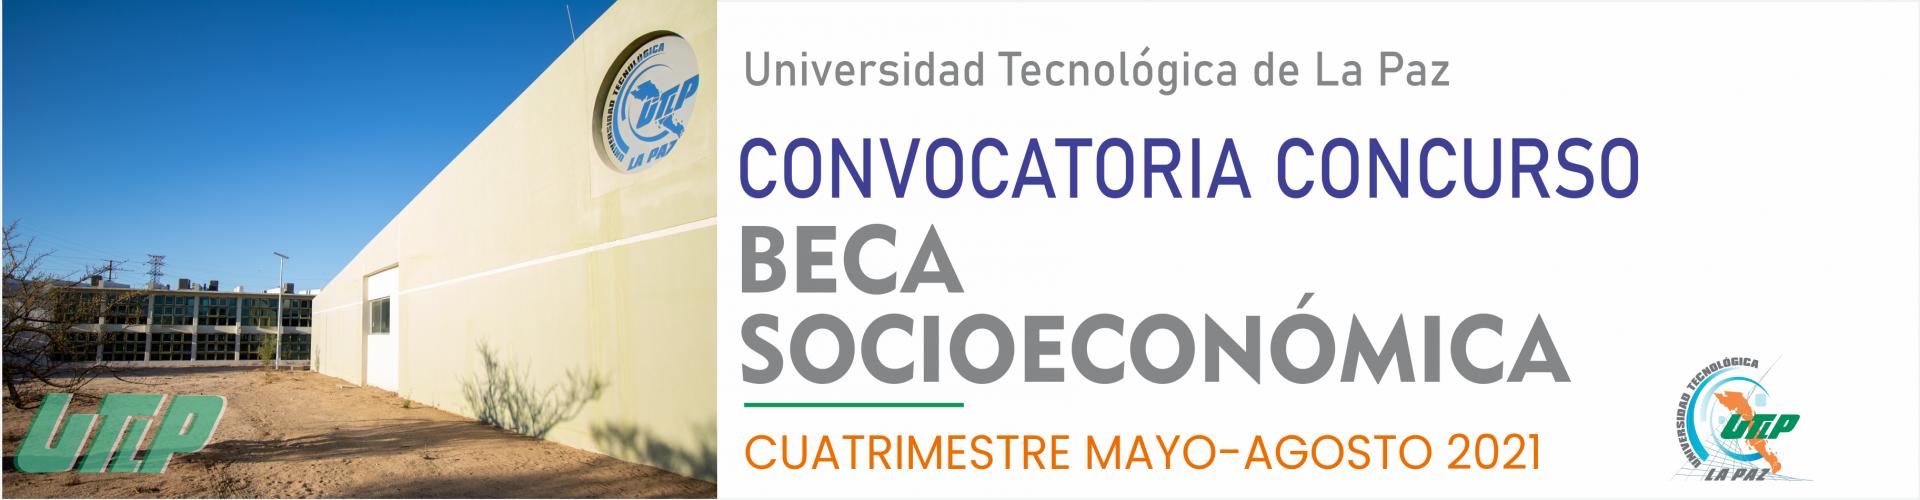 Convocatoria para beca Socioeconómica Mayo - Agosto 2021